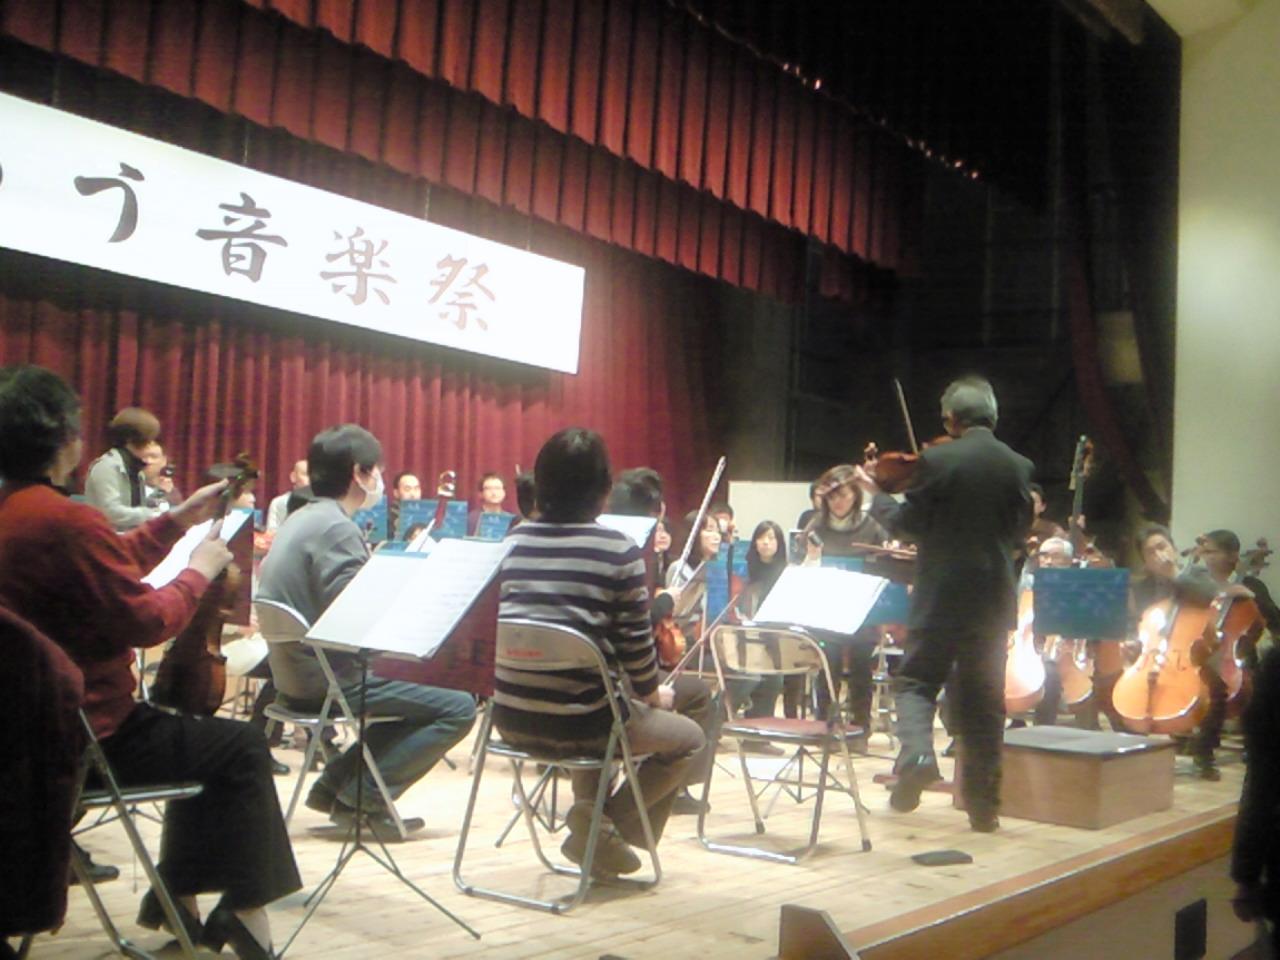 【3/6:3】《ゆう音楽祭》オケゲネプロ